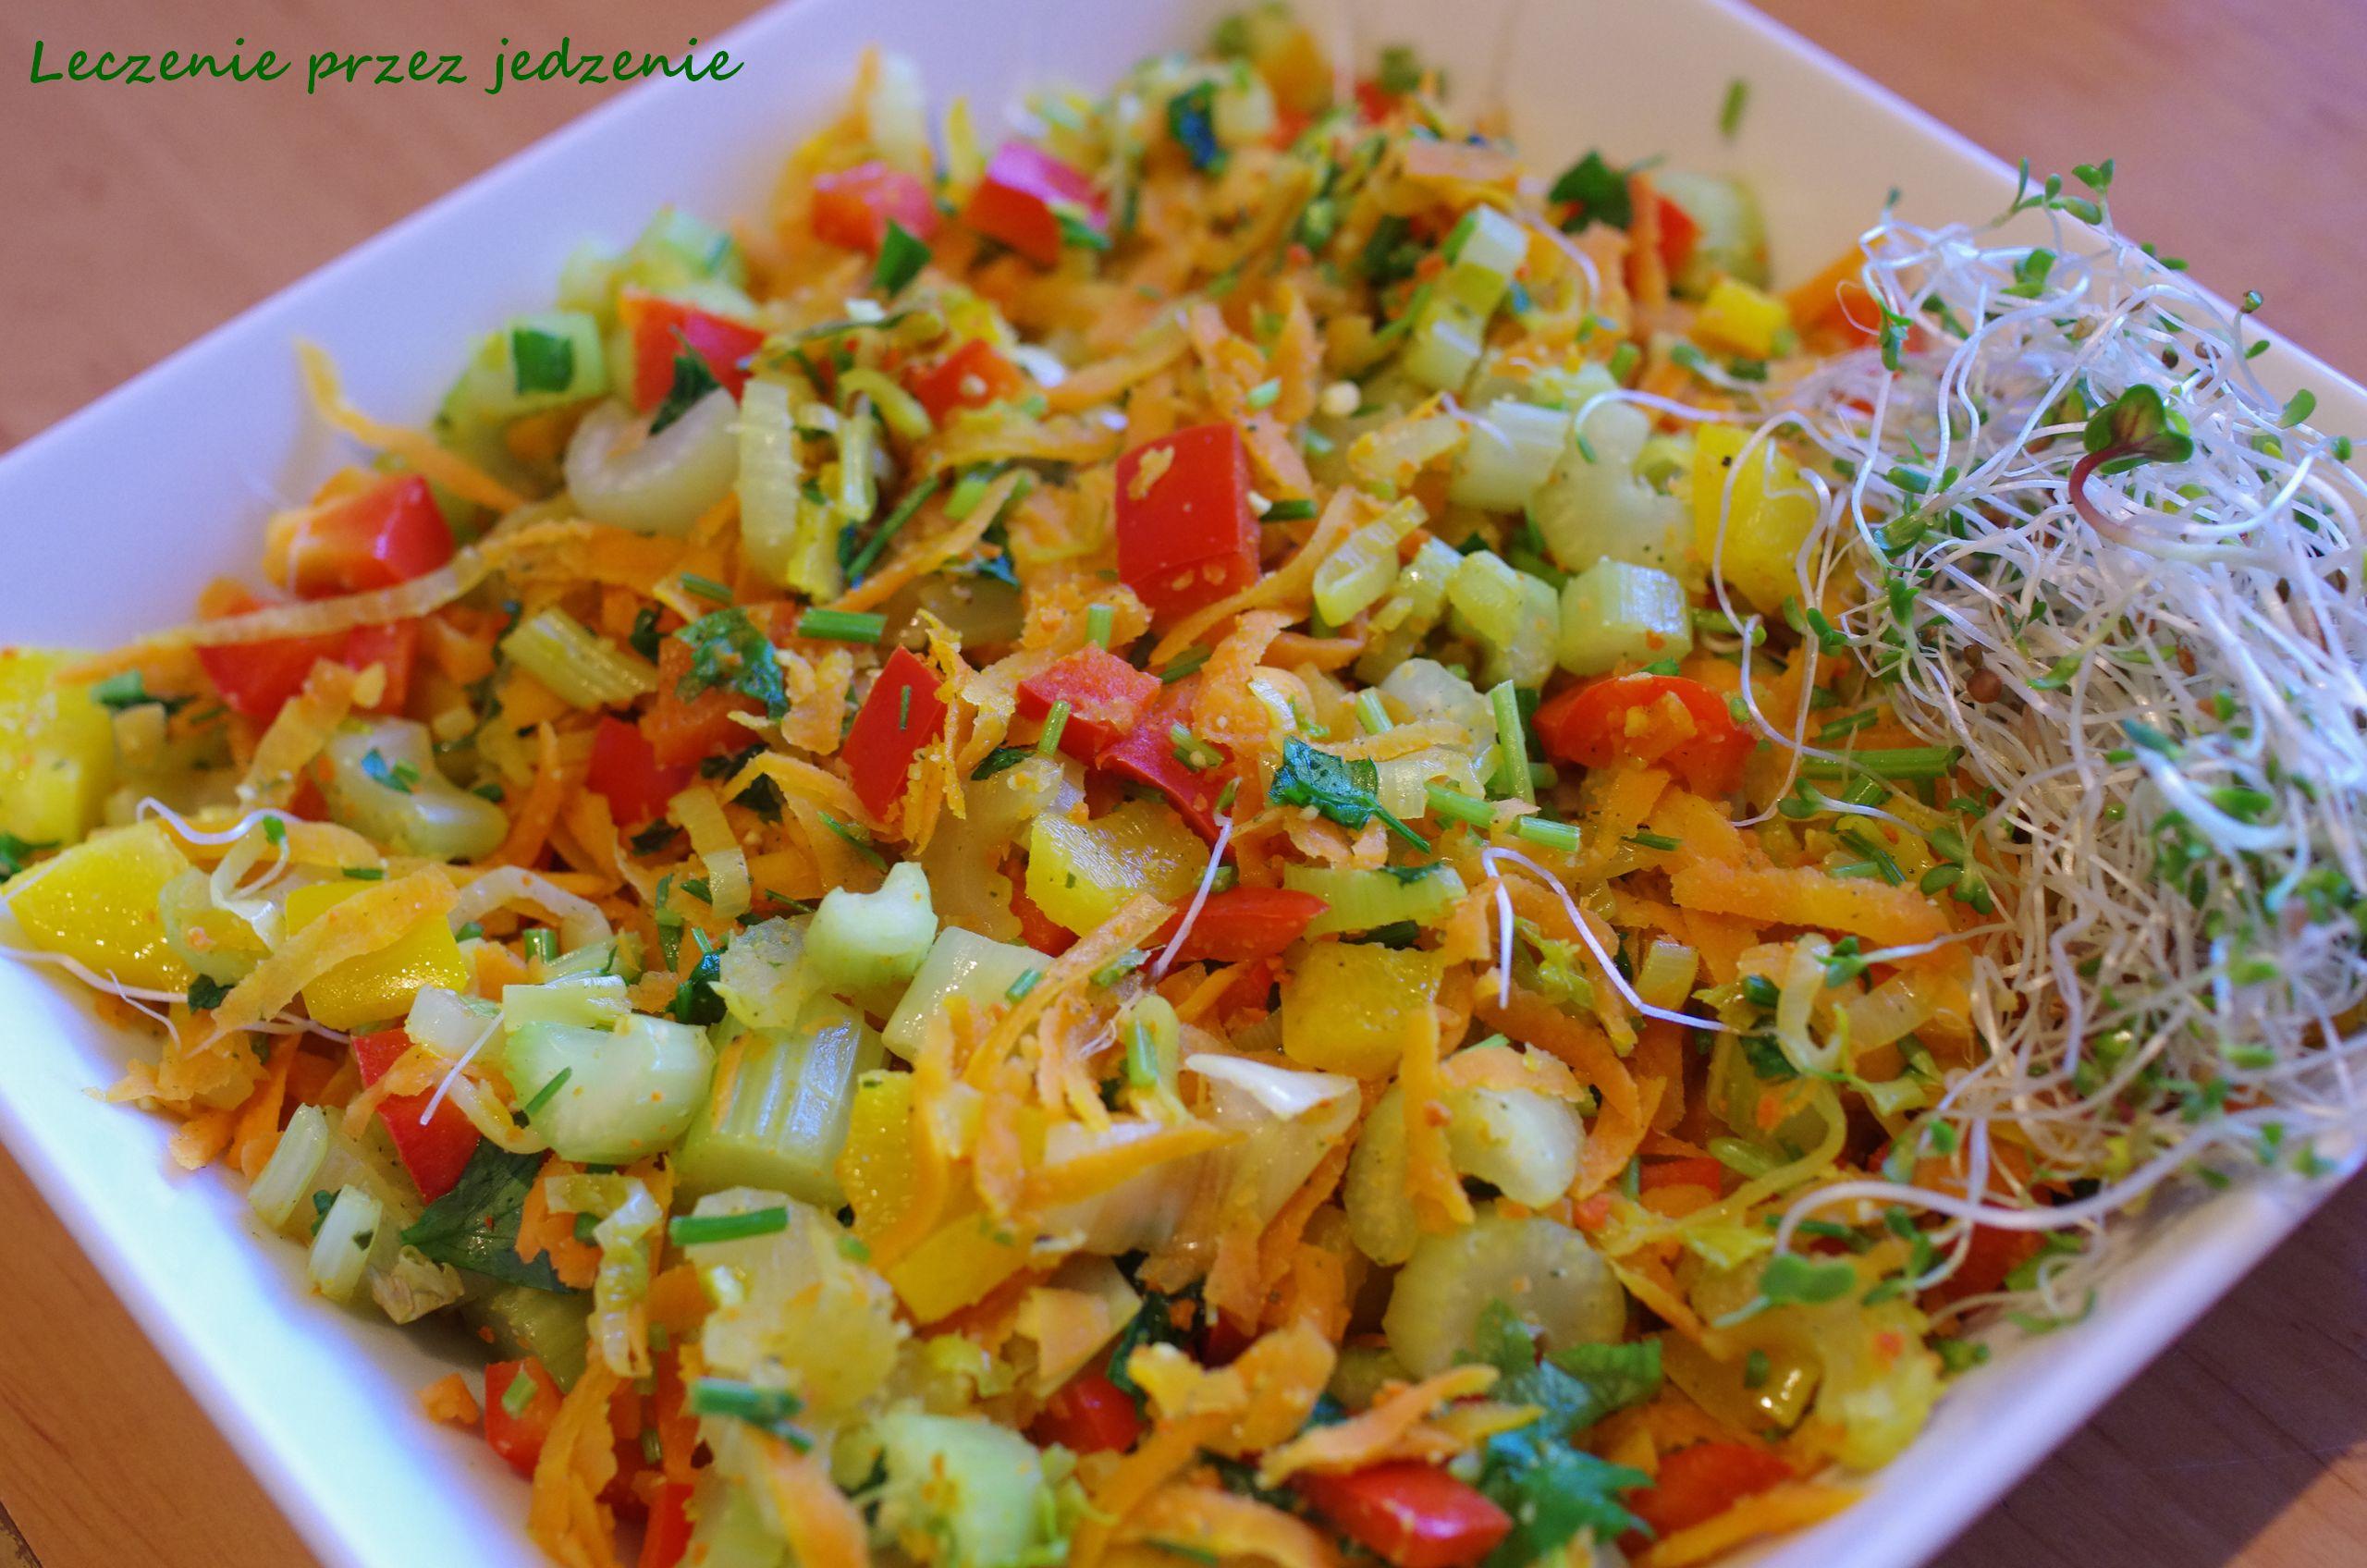 Warzywa duszone seler naciowy marchew, papryka leczenieprzezjedzenie warszawa dietetyk